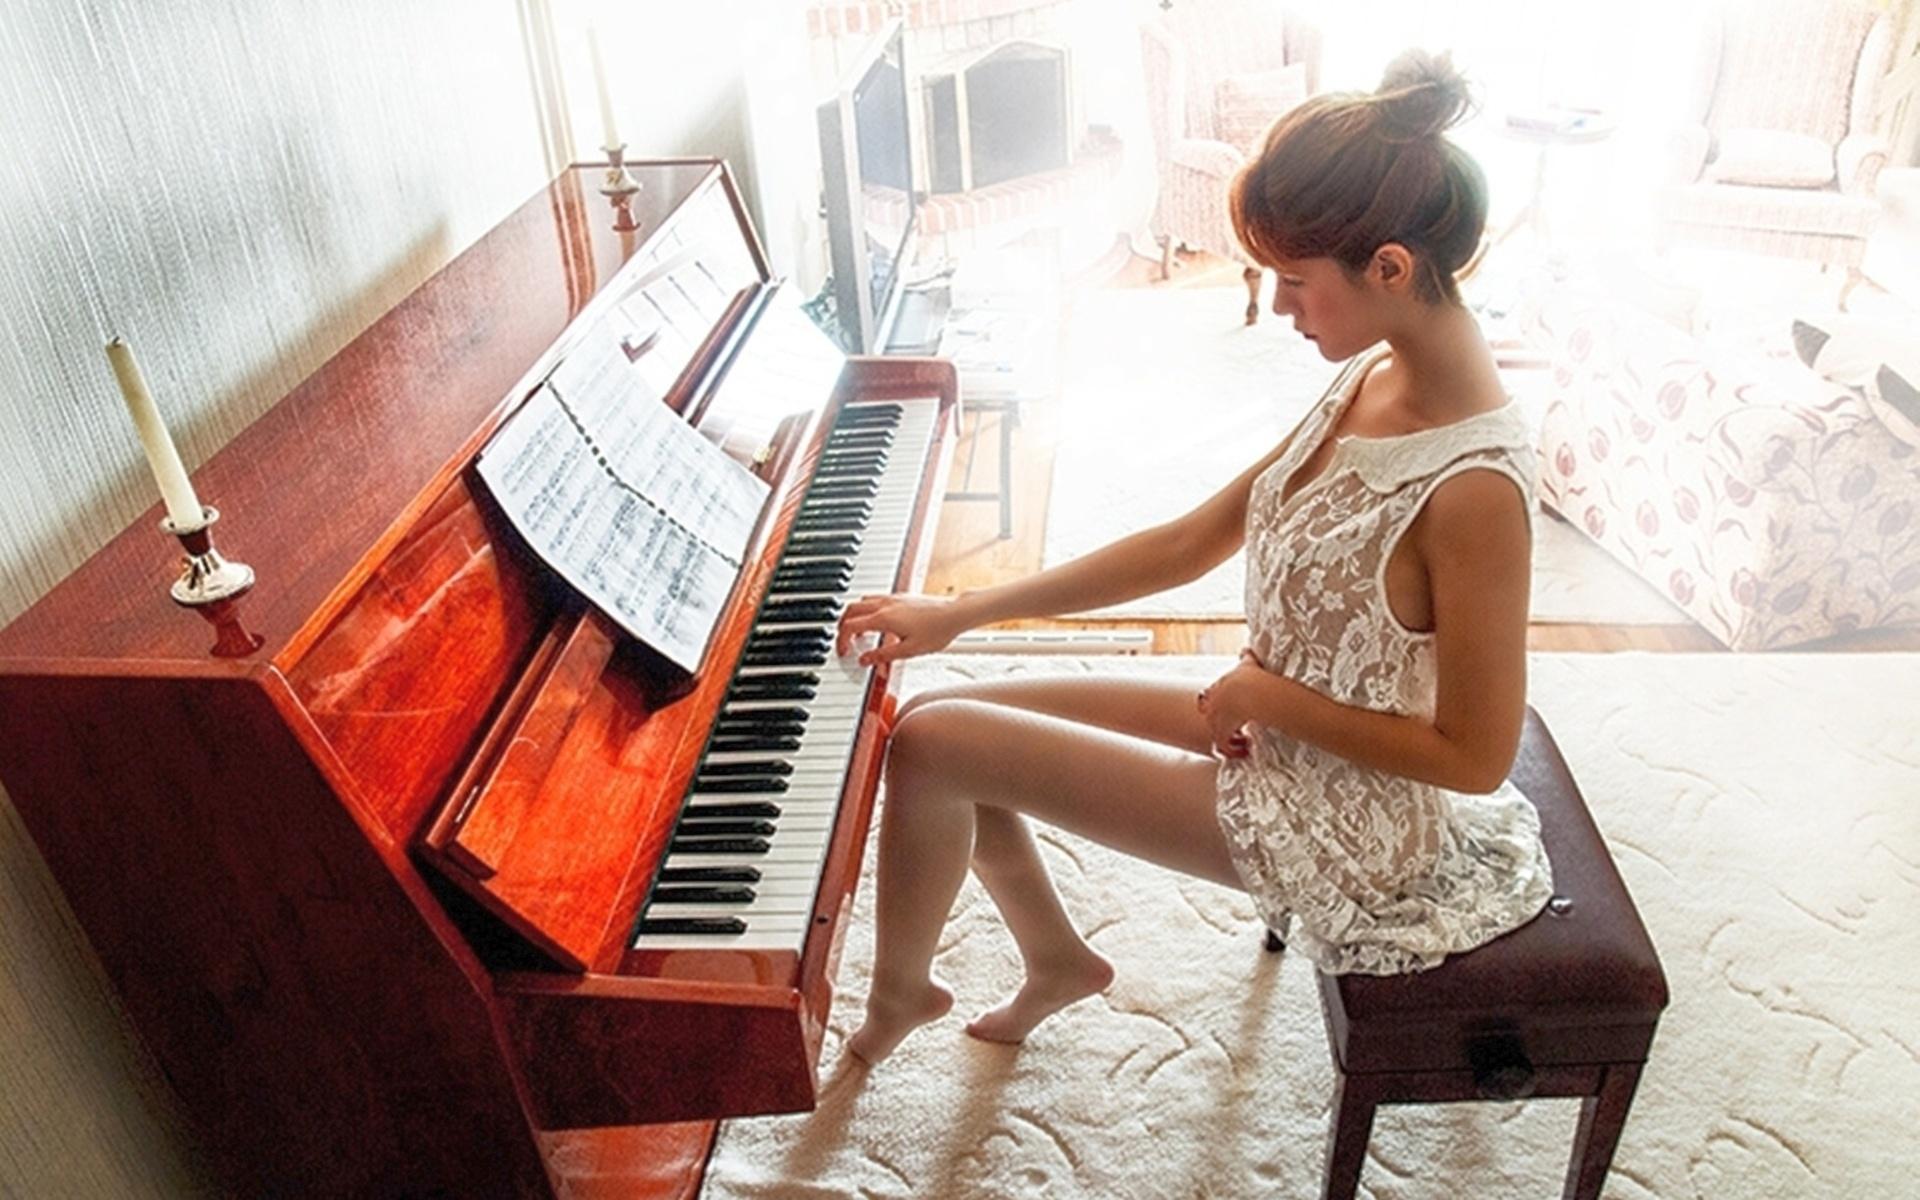 зрелая женщина видео как учили девушку играть на пианино постарше меня